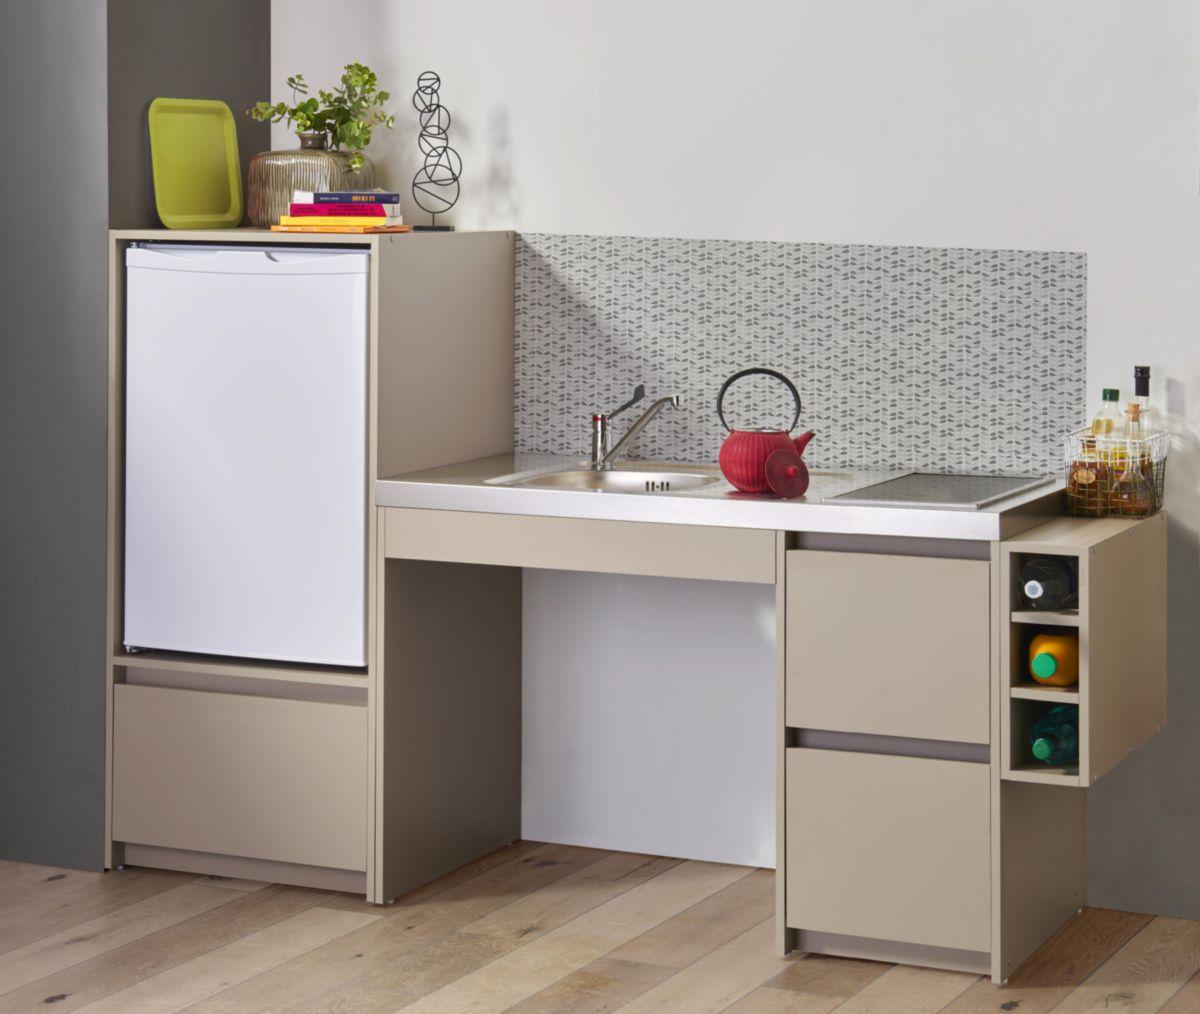 Moderna meuble bas cuisinette en m lamin coloris argile paisseur 16 mm largeur totale - Cuisinette moderna ...